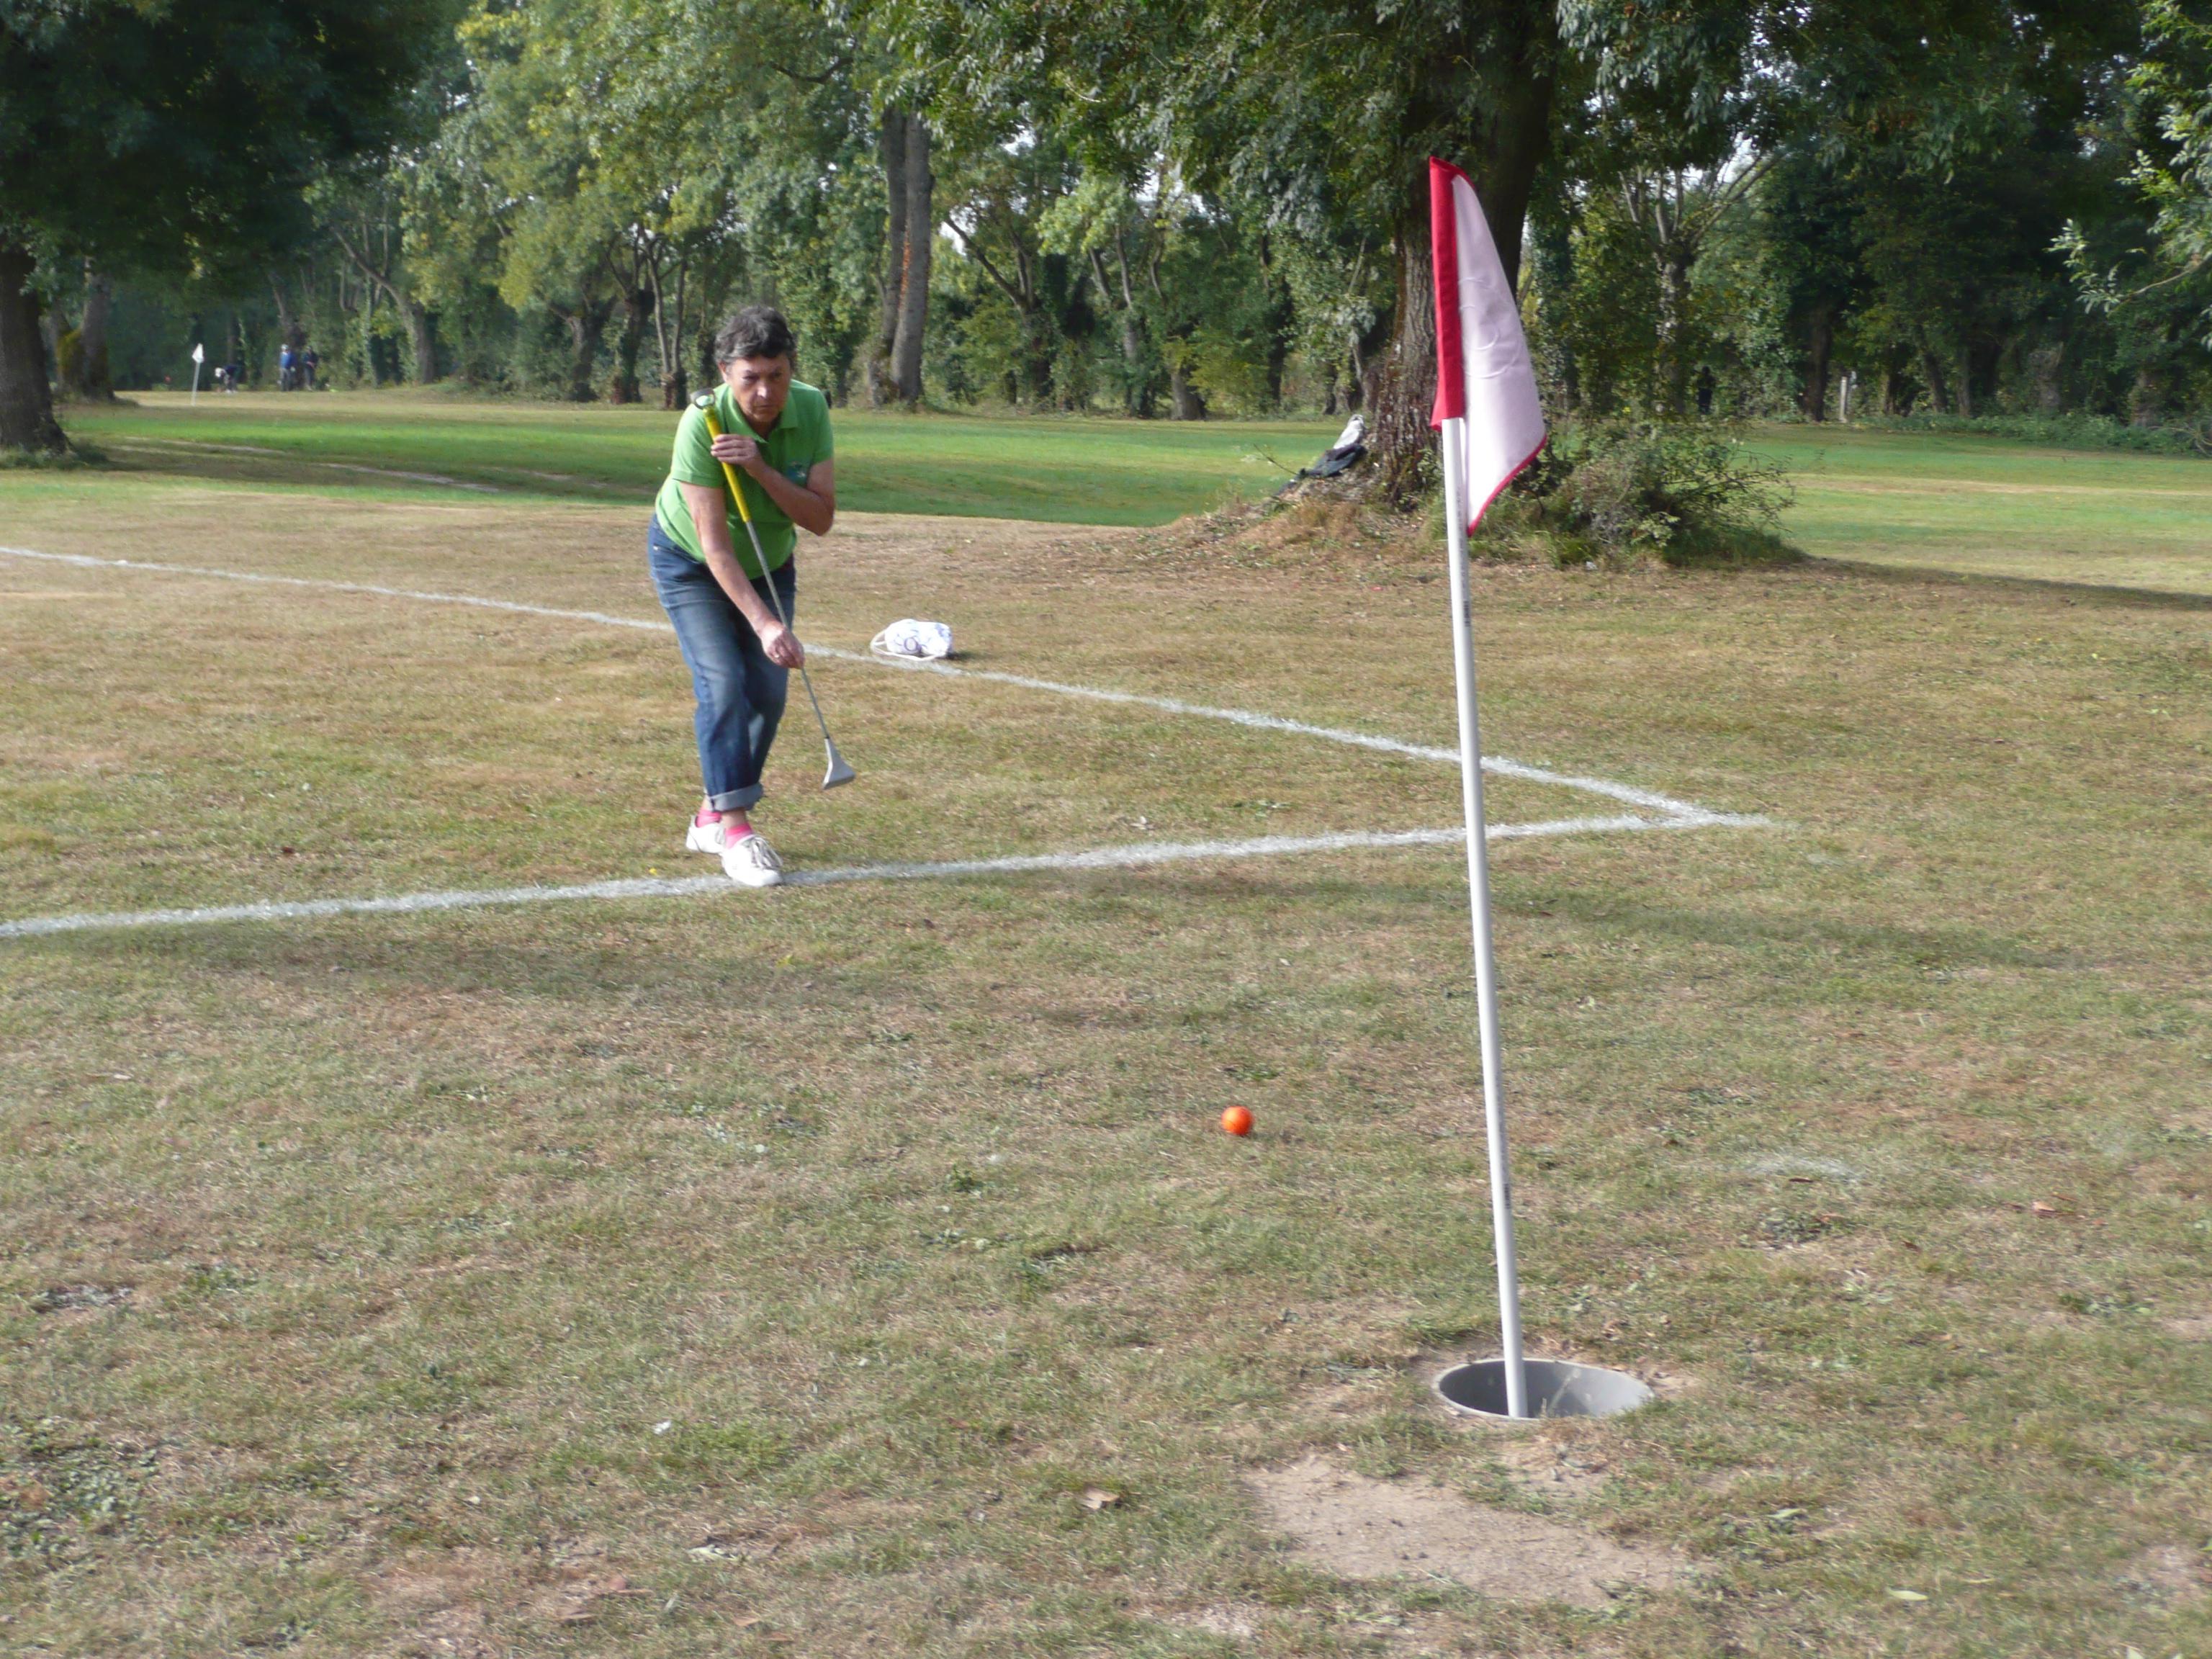 swin golf, essor 2015